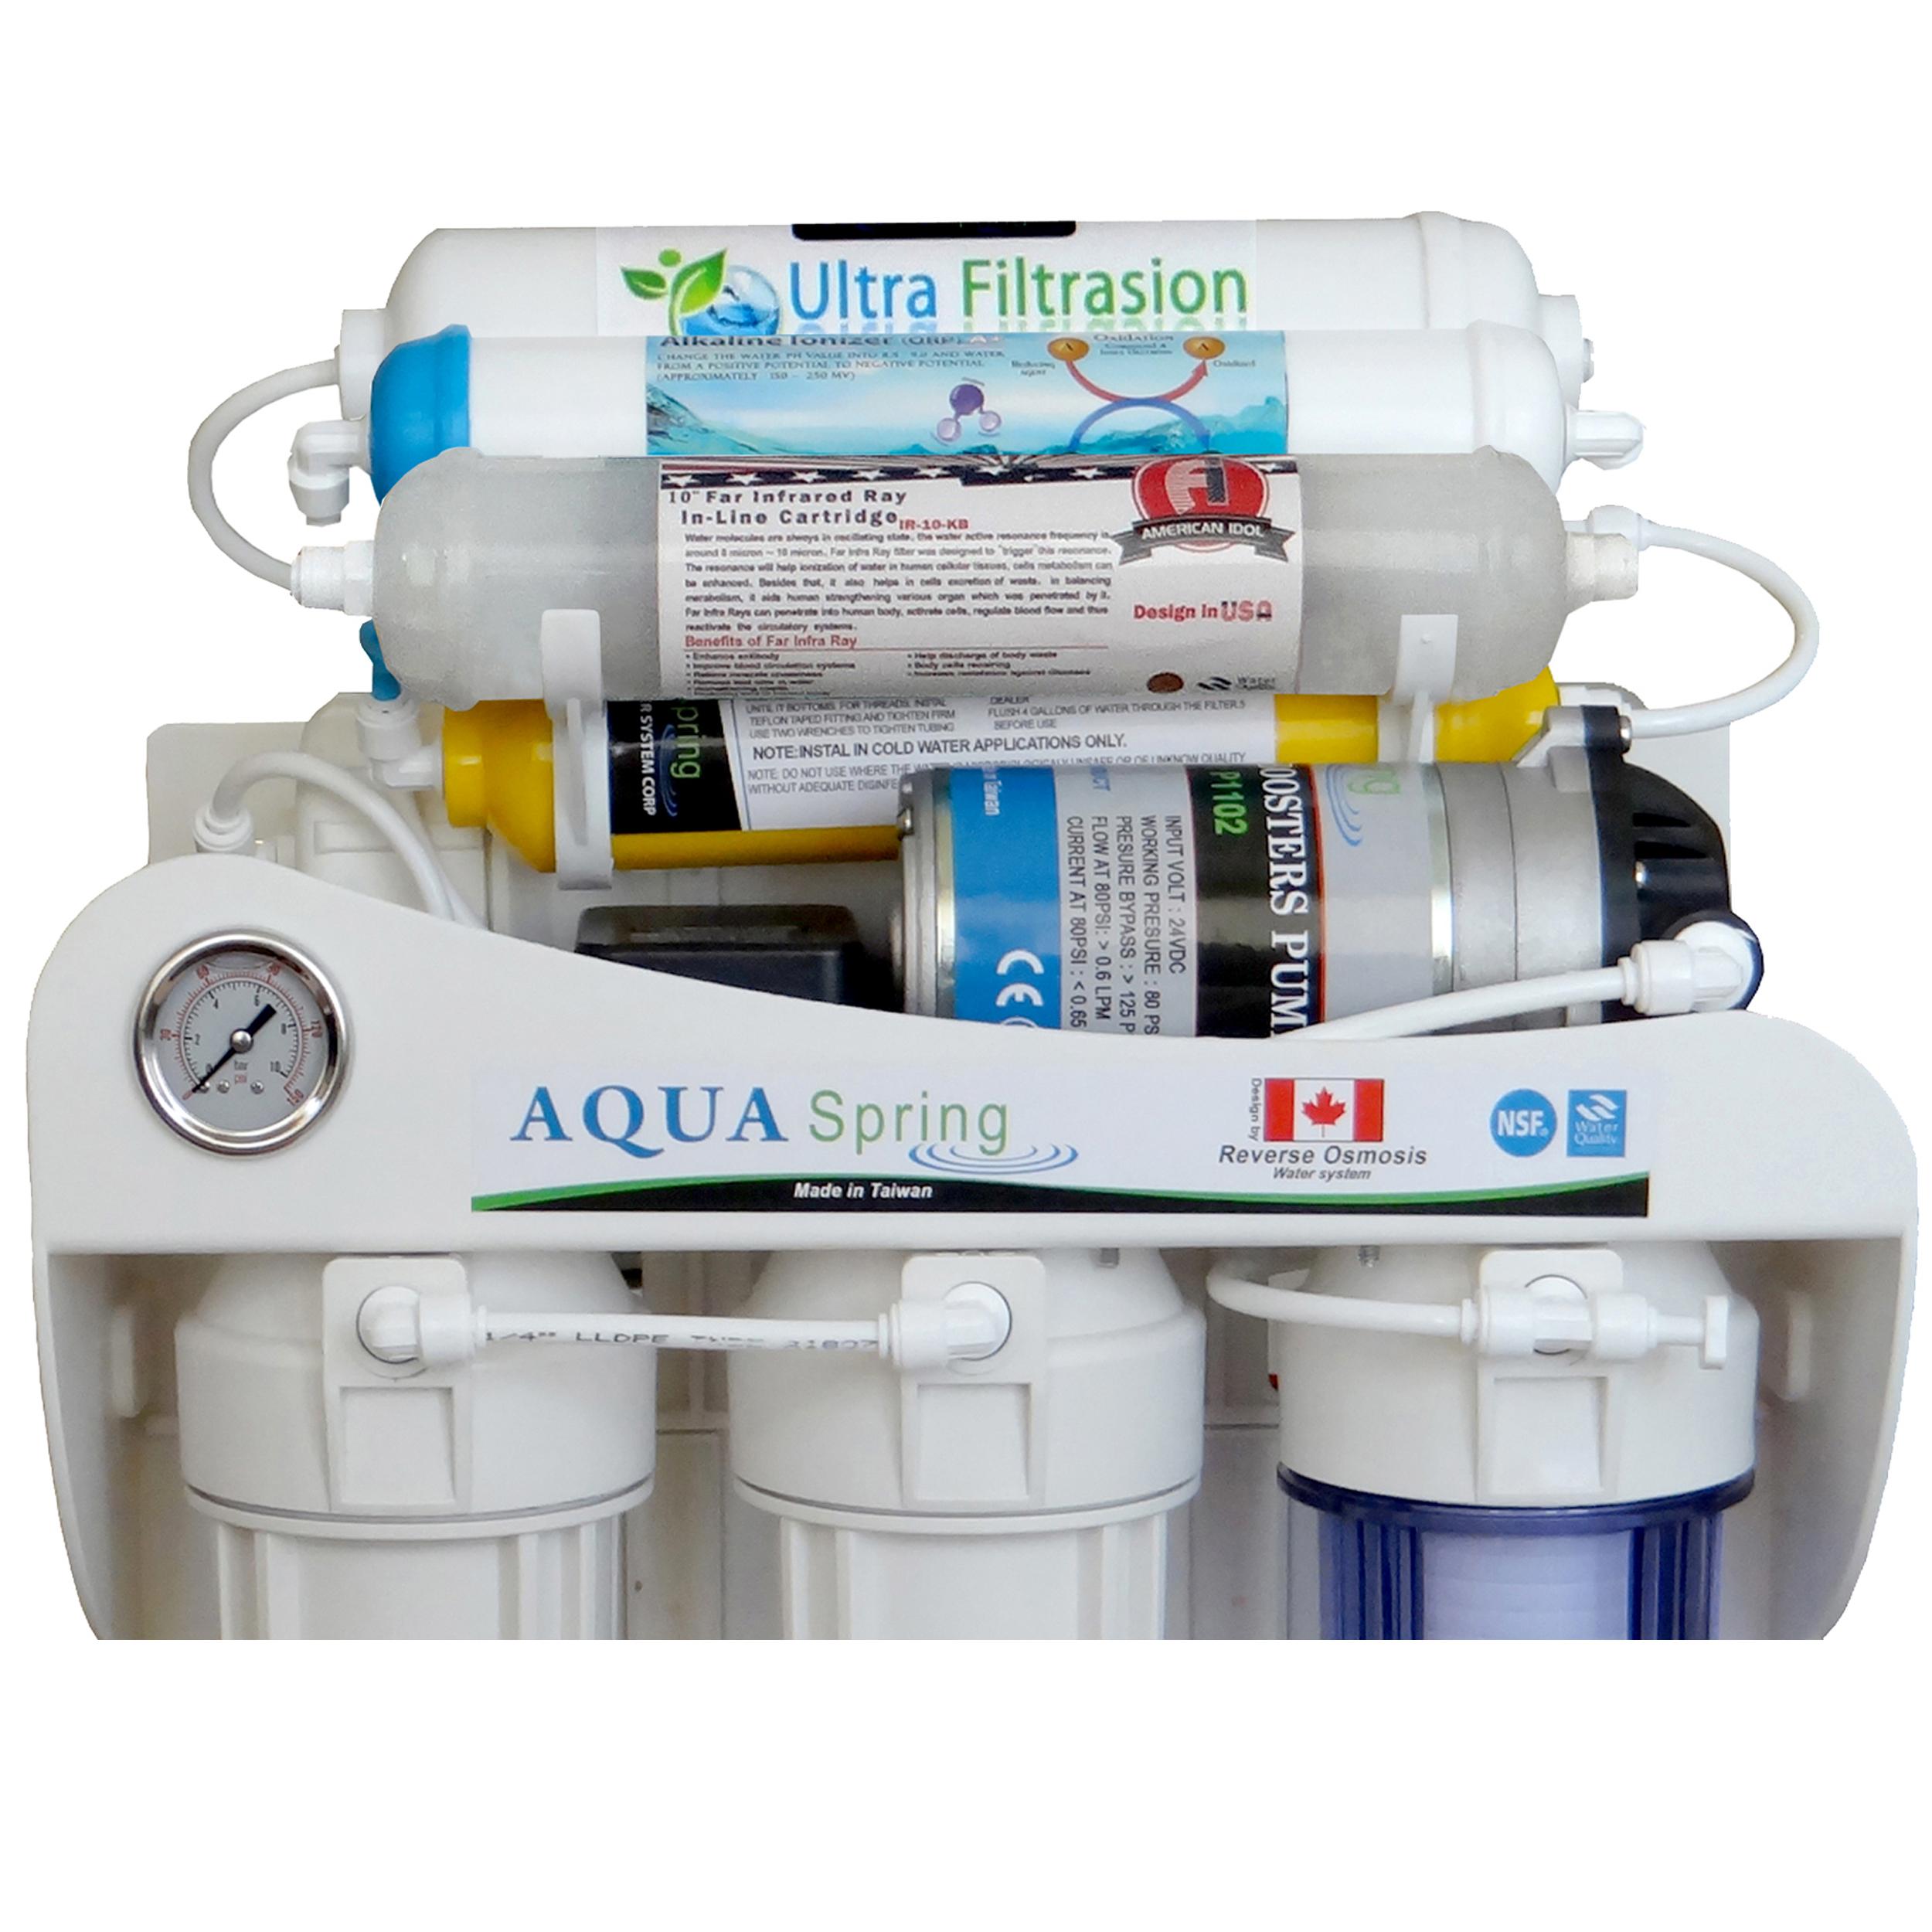 دستگاه تصفیه کننده آب آکوآ اسپرینگ مدل UF - SF3600